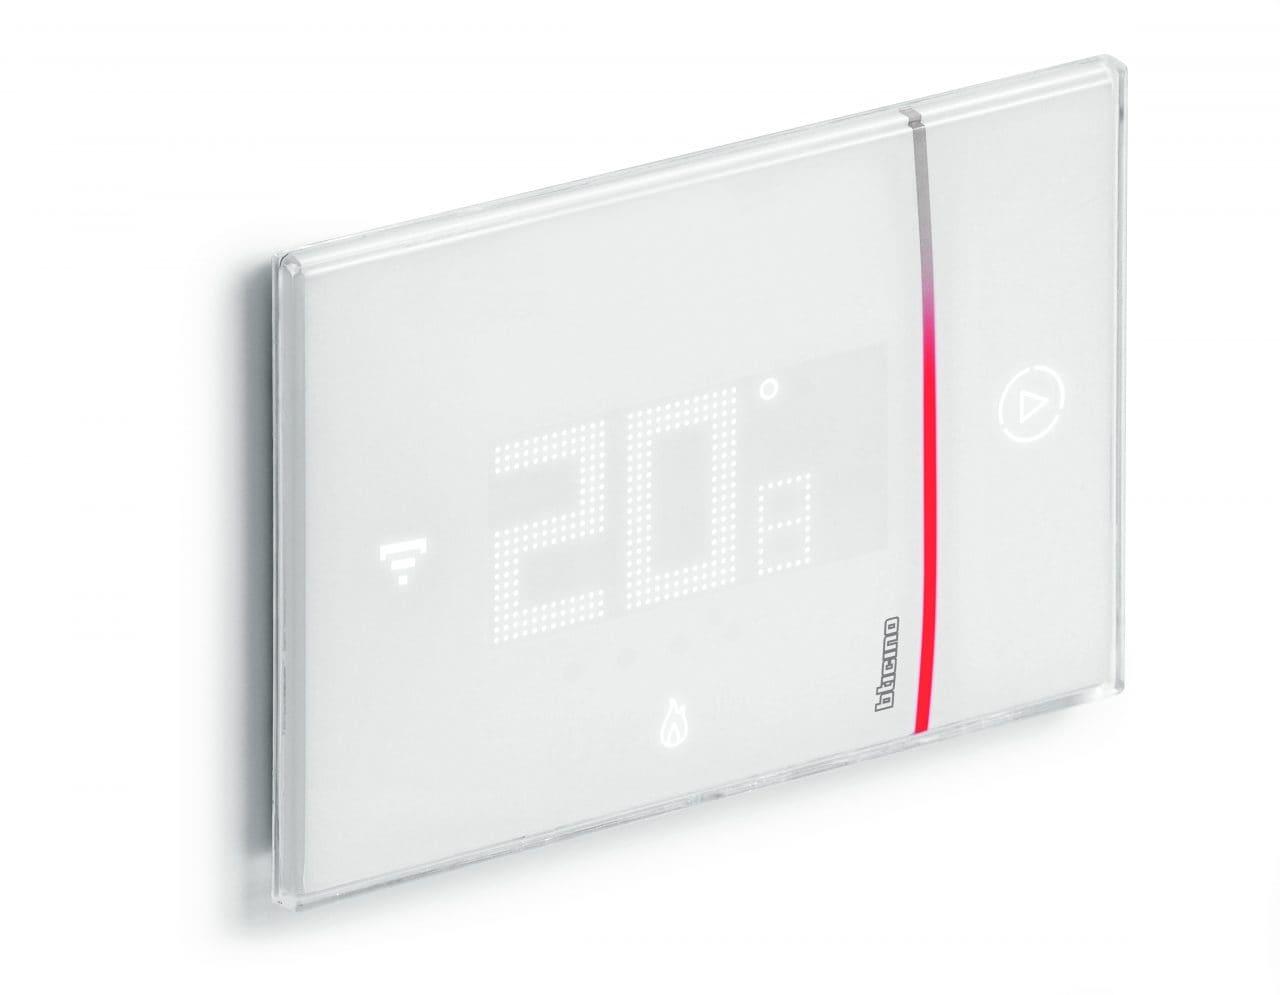 bticino smarther anteprima del termostato smart con il